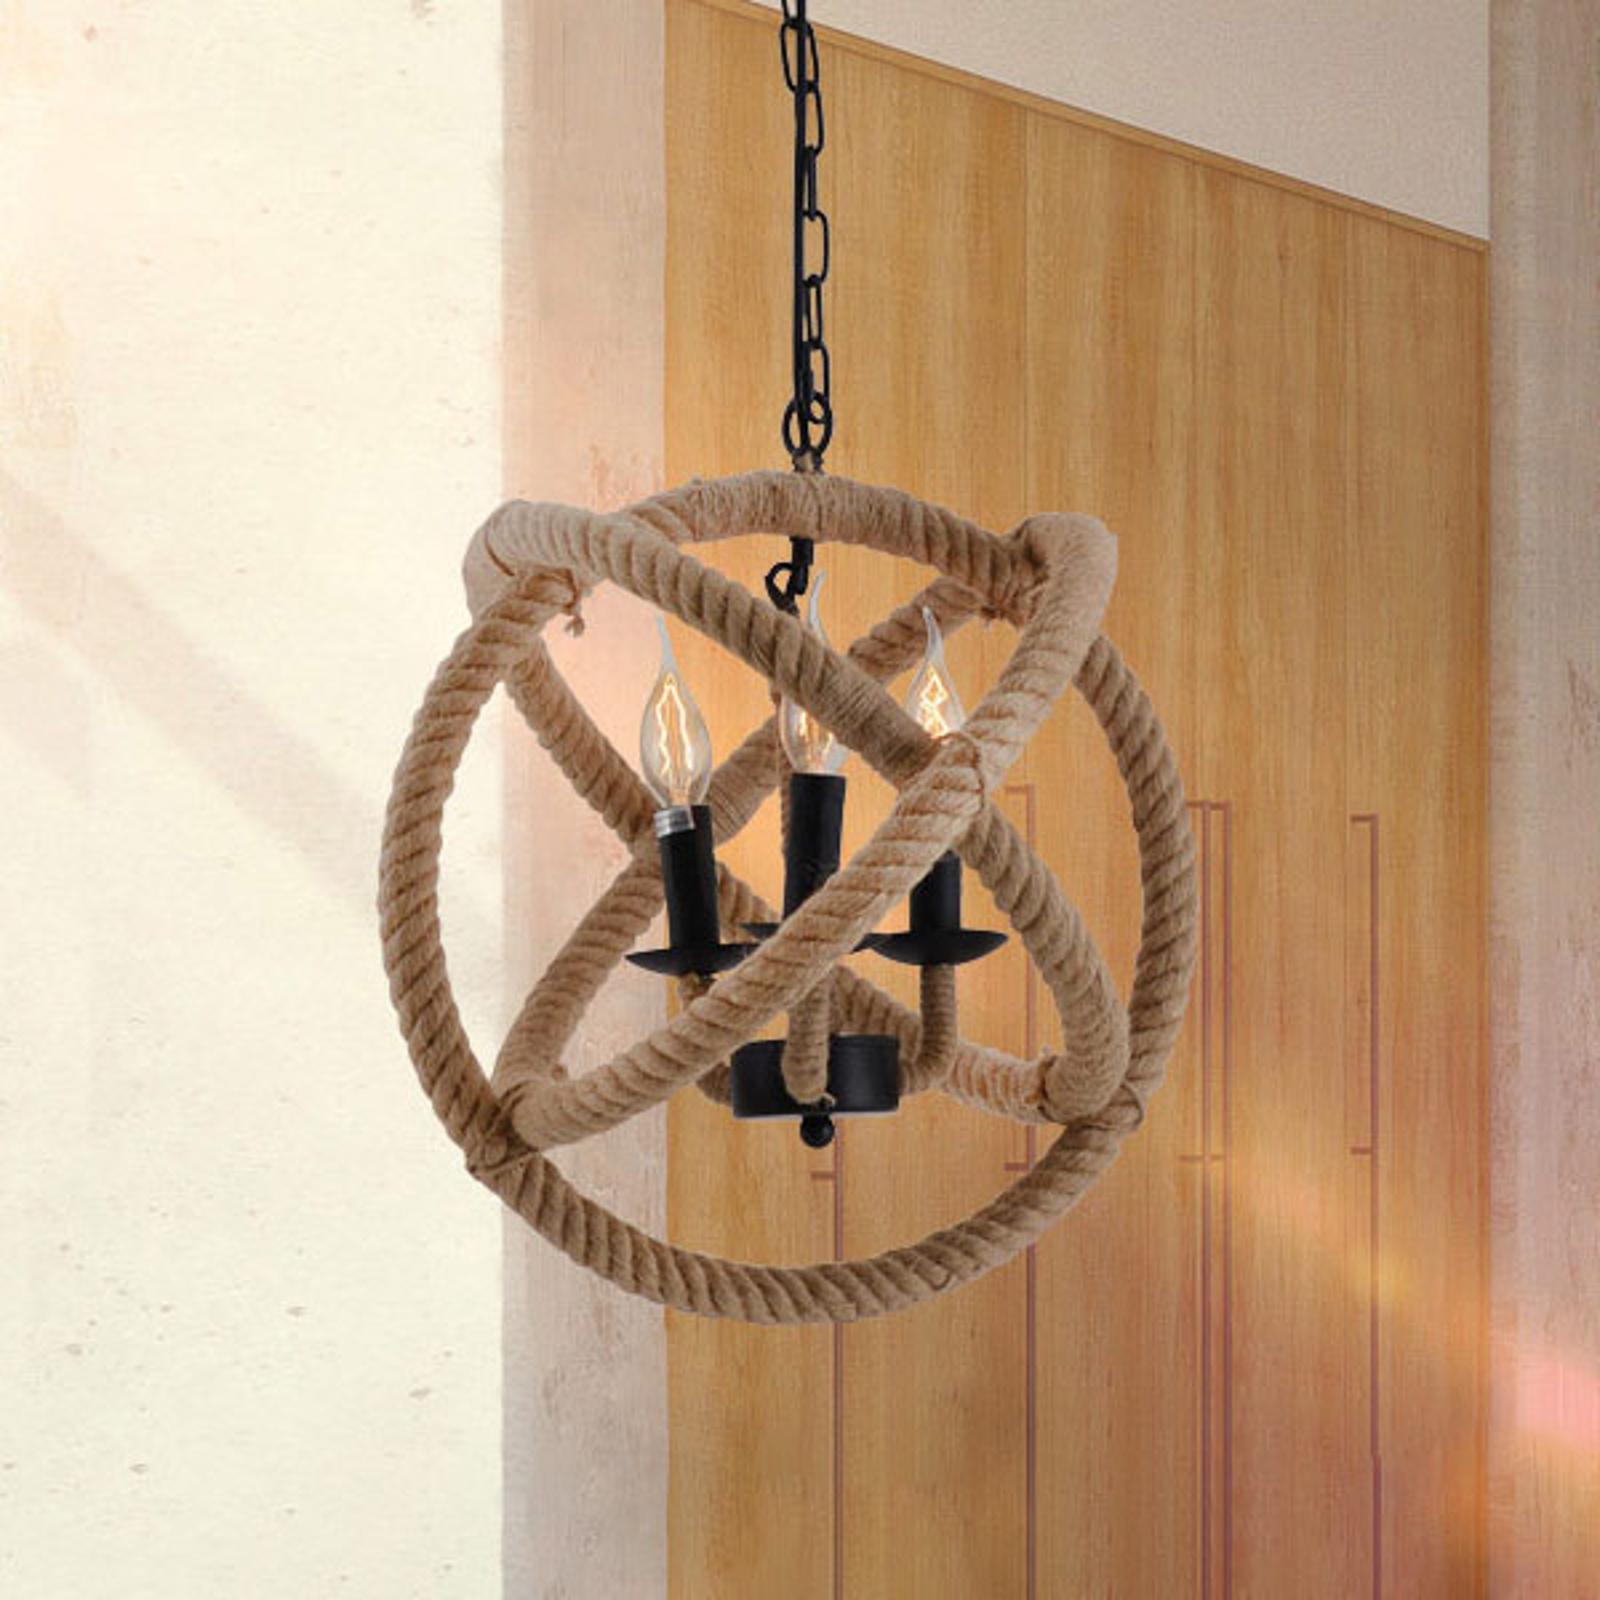 Bolvormige hanglamp Regia van natuurlijk touw